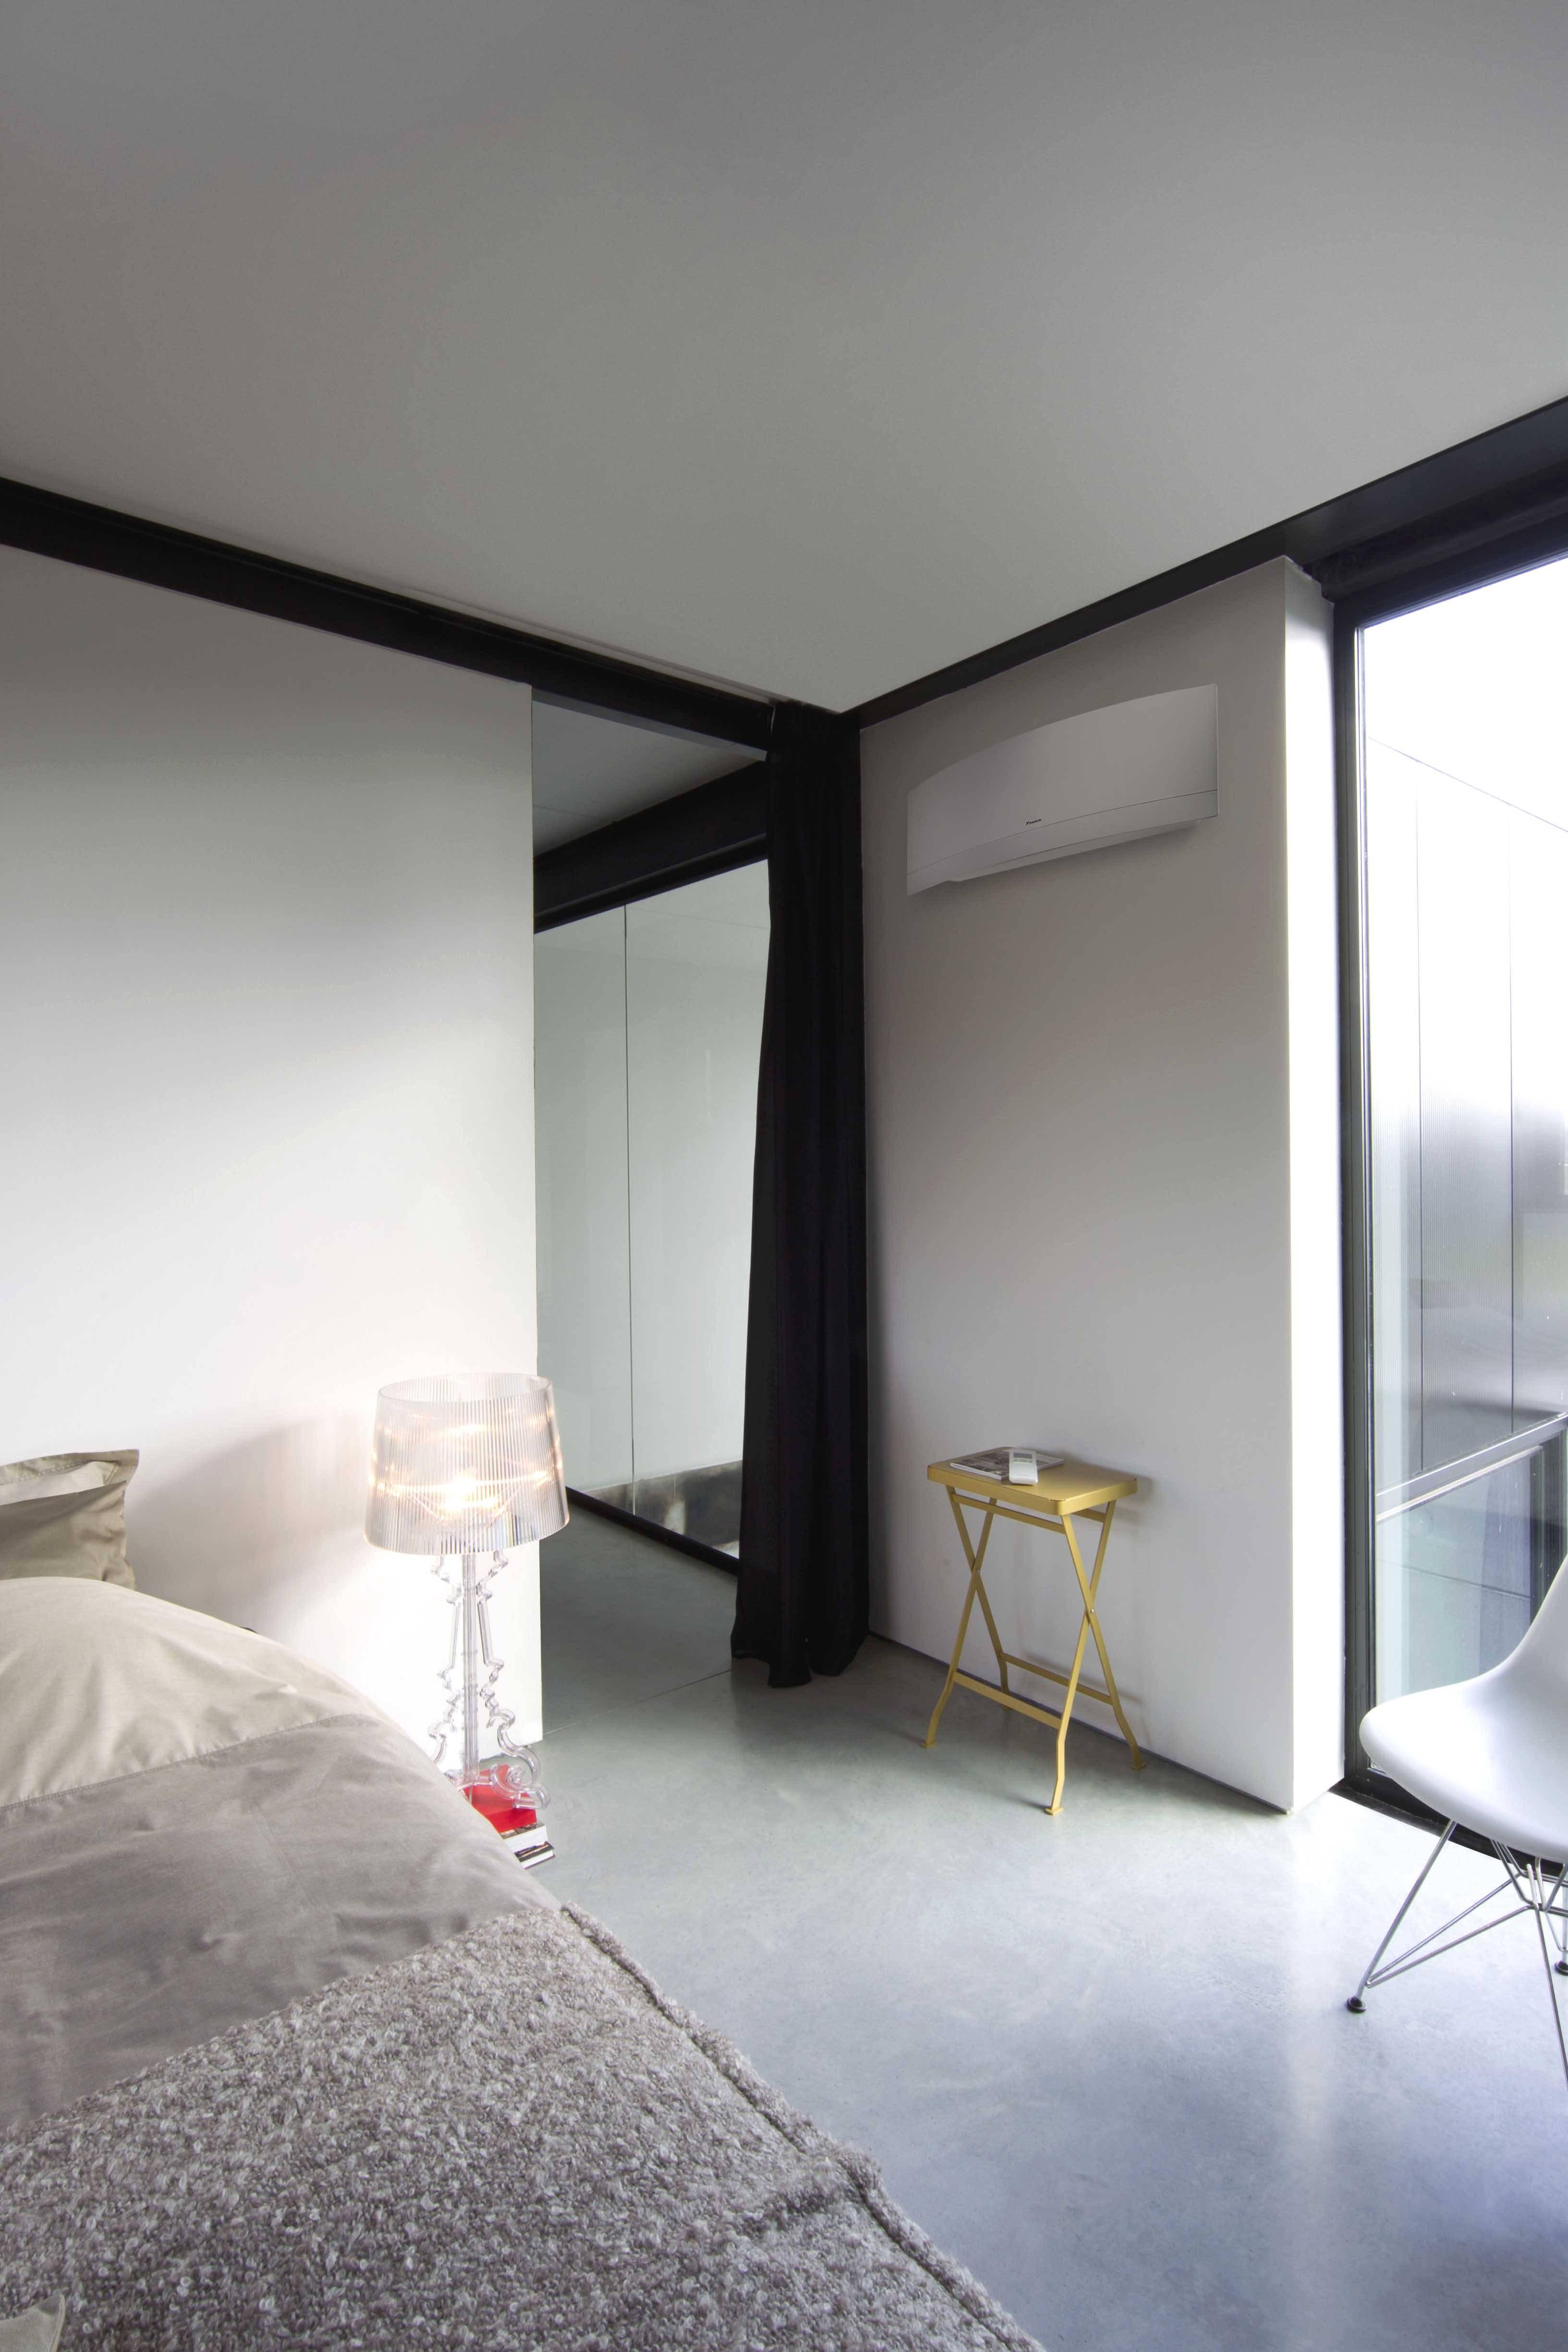 Выбираем кондиционер для спальной комнаты: 6 плюсов установки